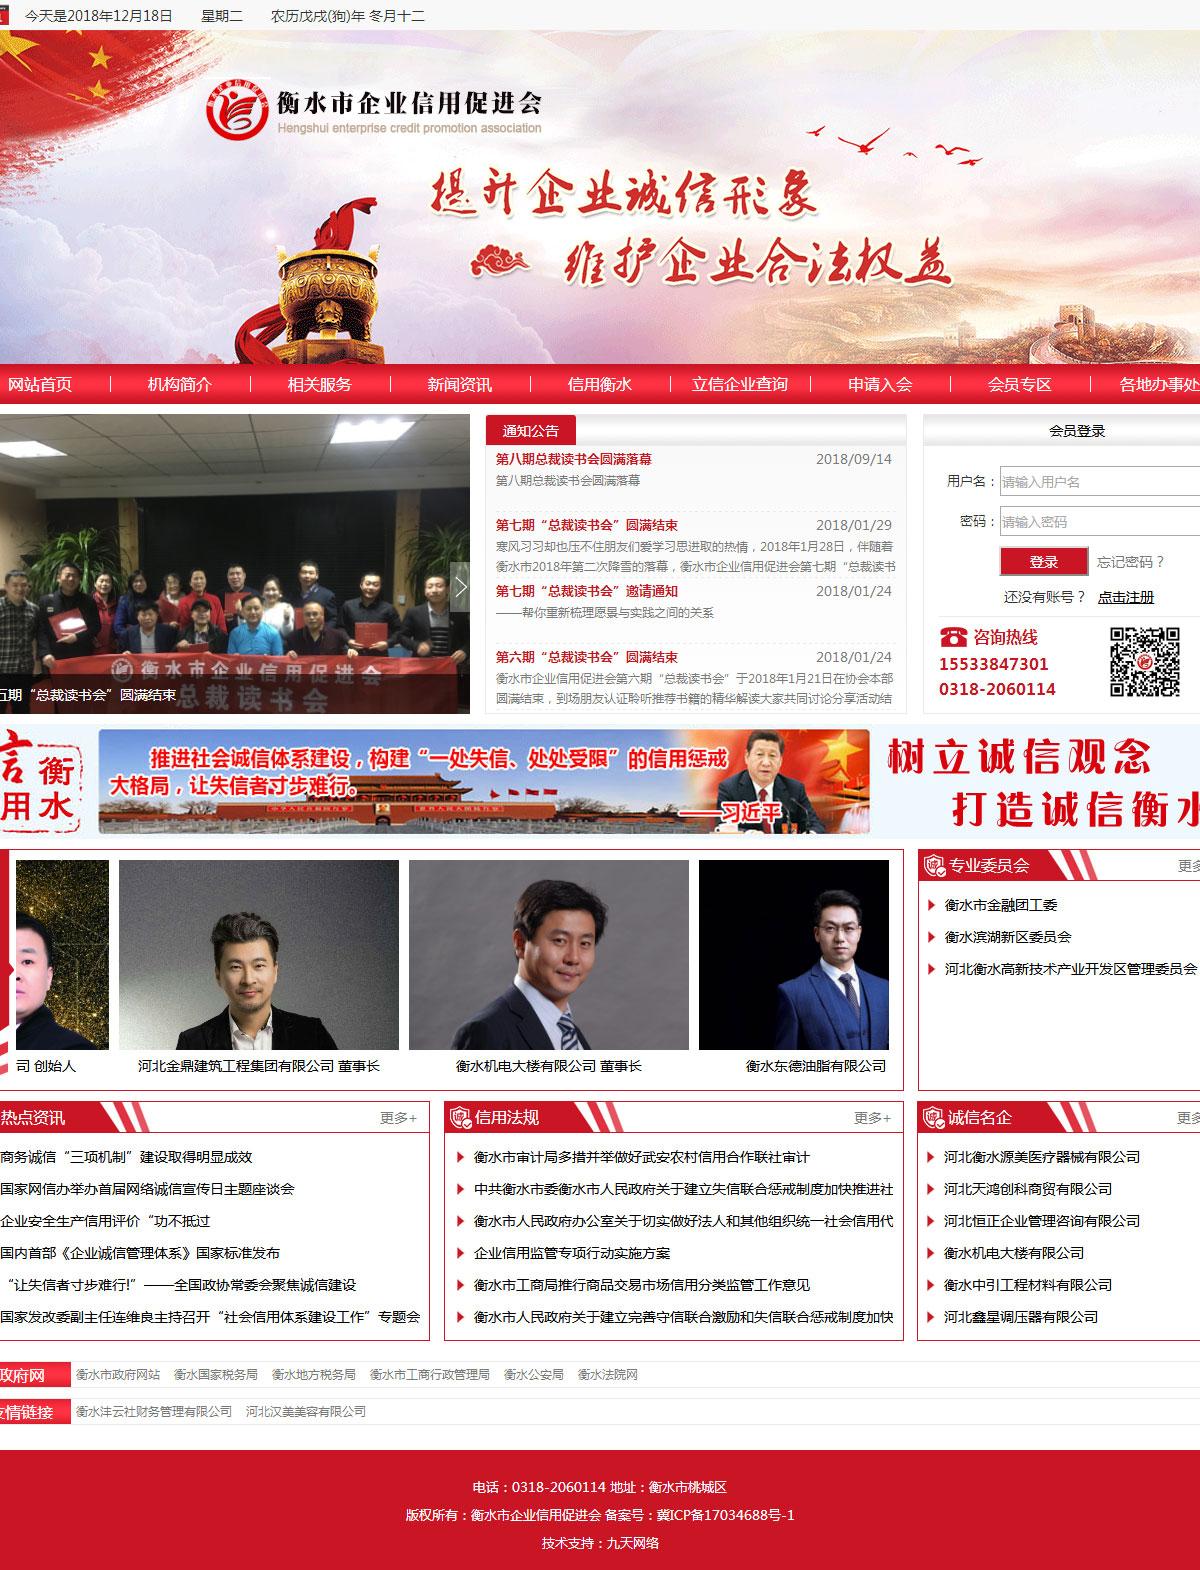 衡水市企业信用促进会.jpg